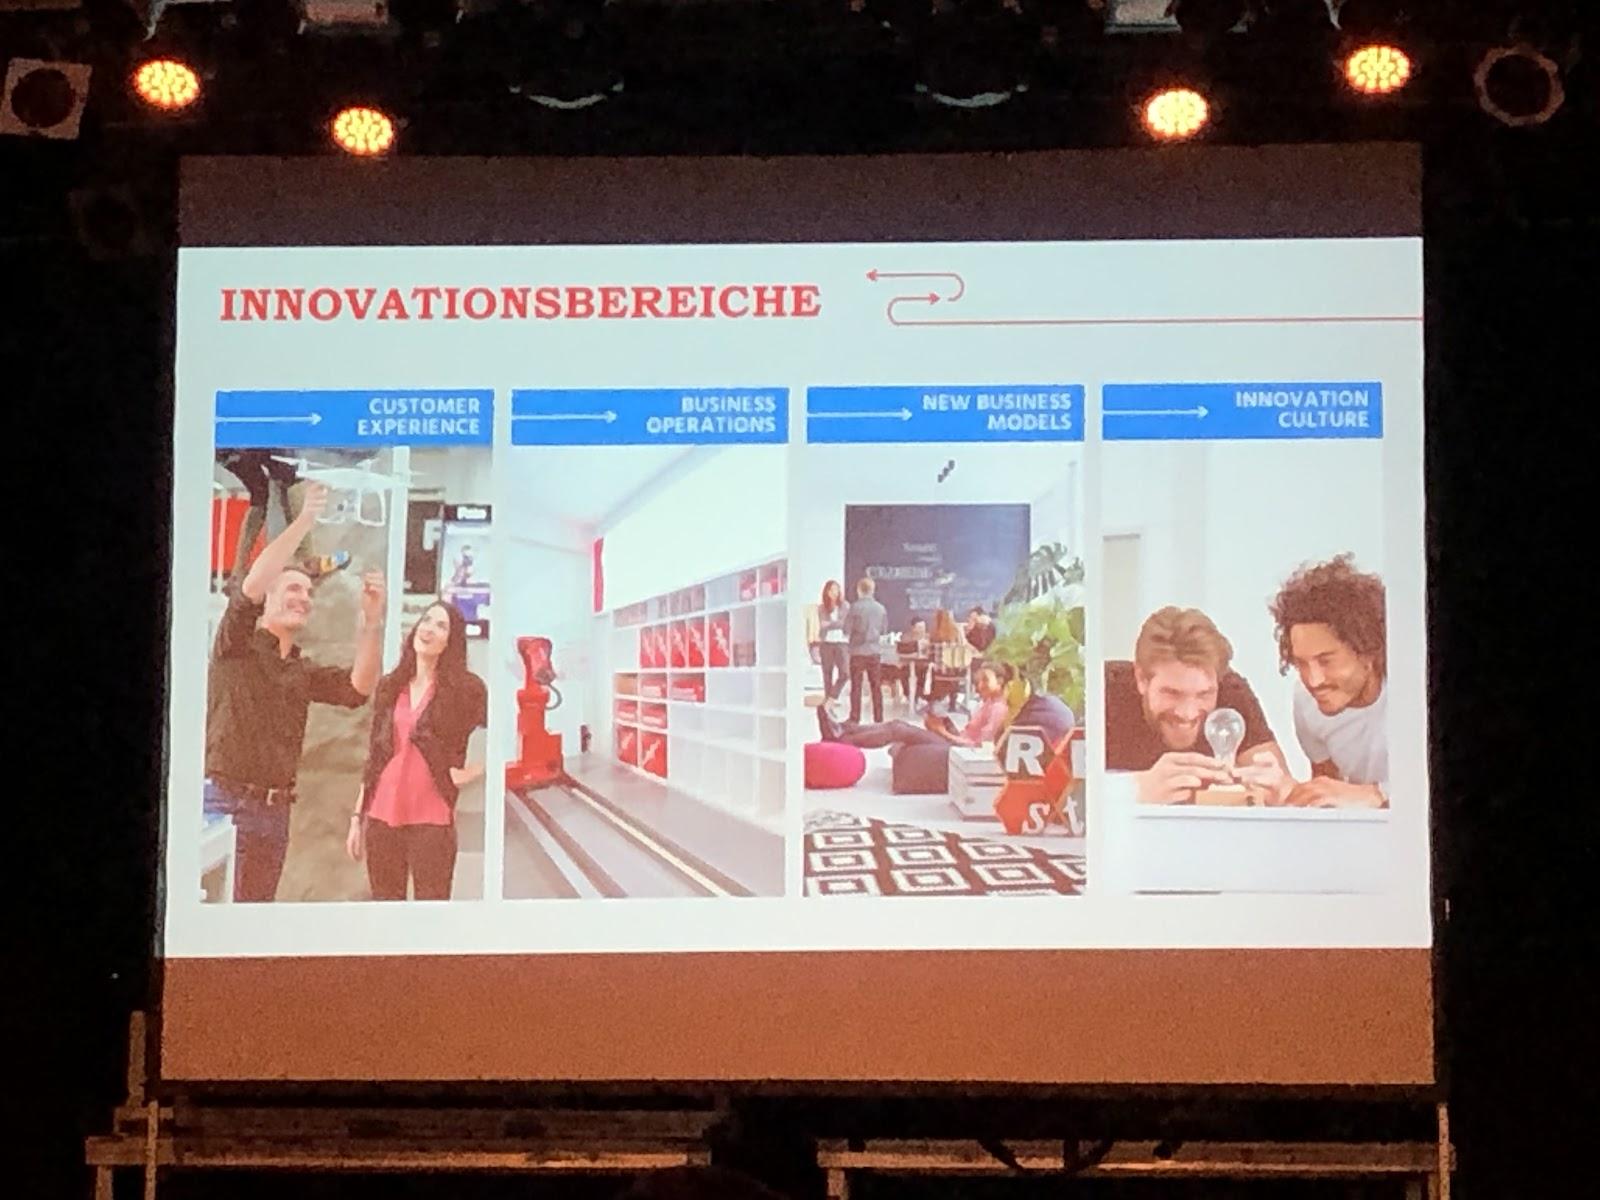 Innovationsbereiche